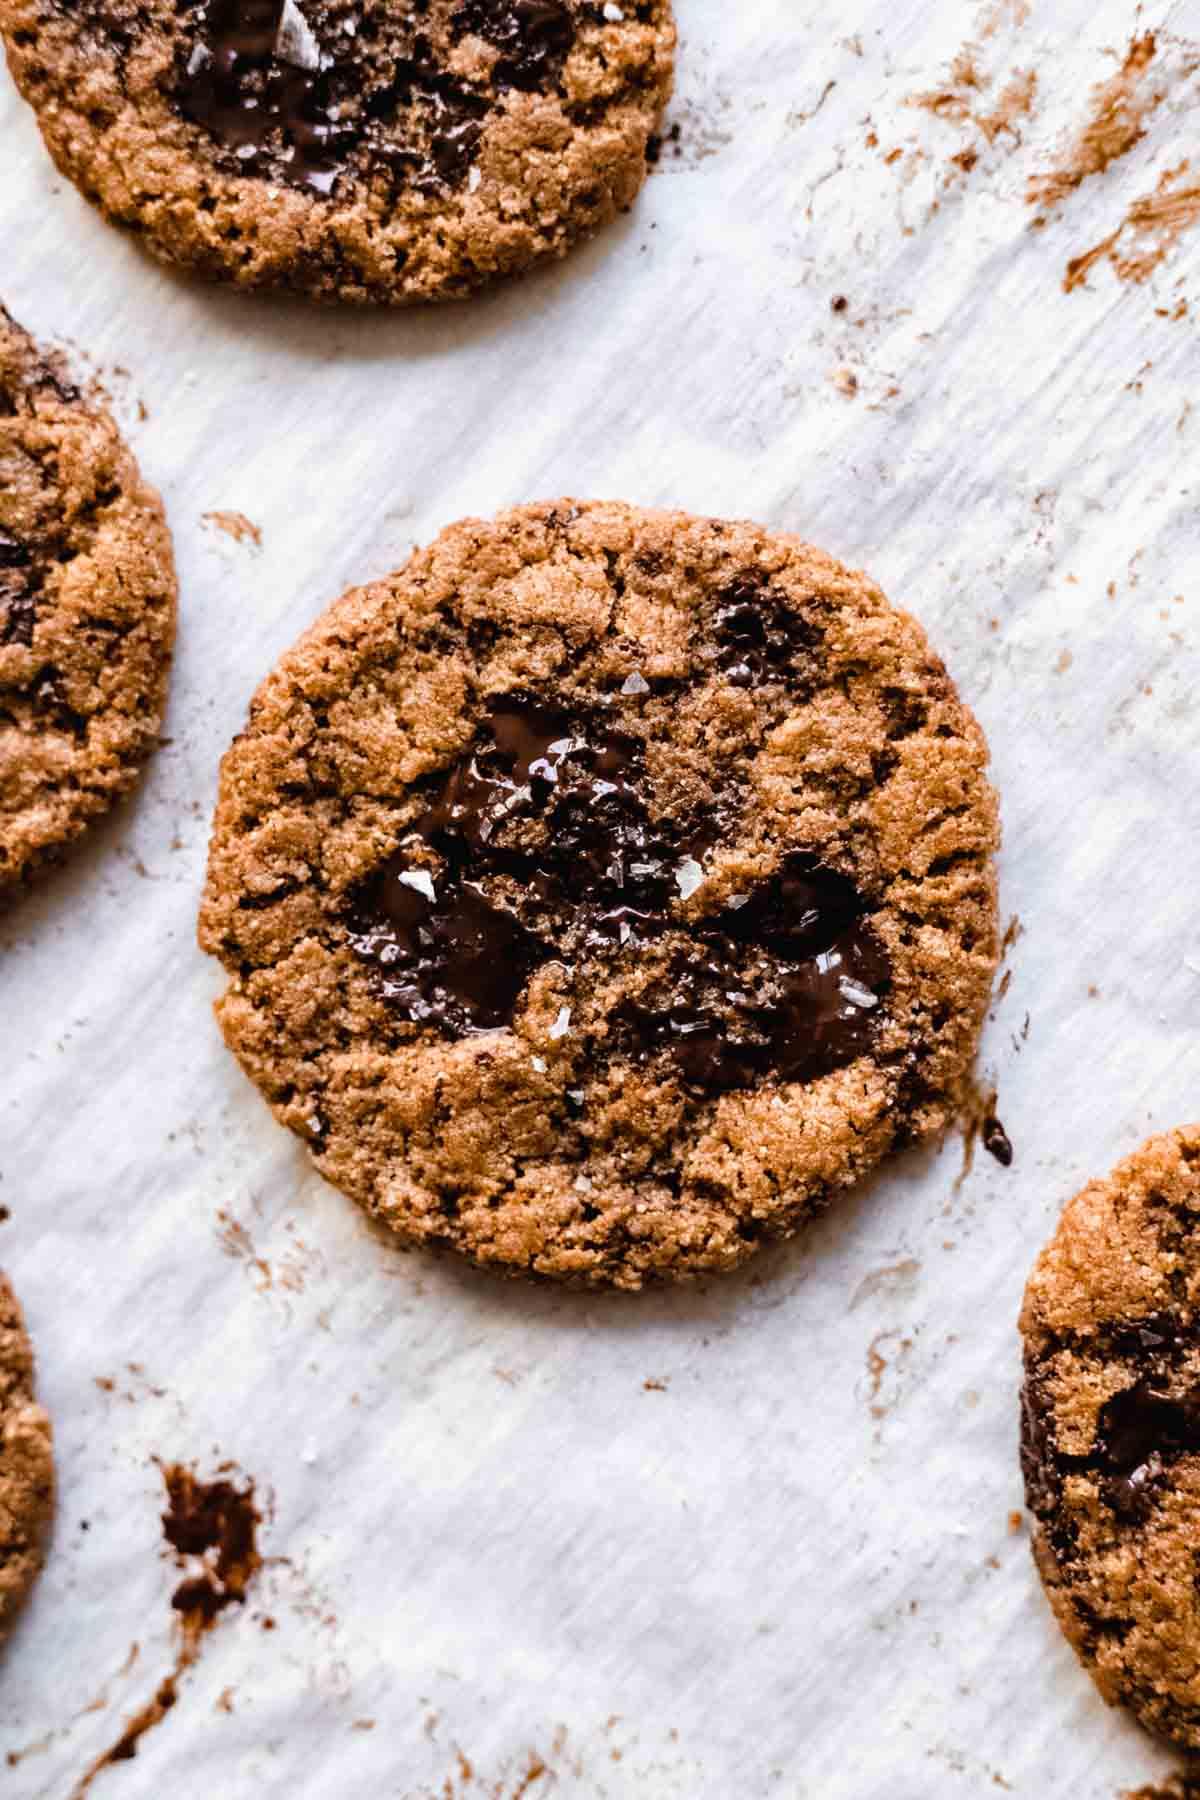 A single flourless almond butter cookie